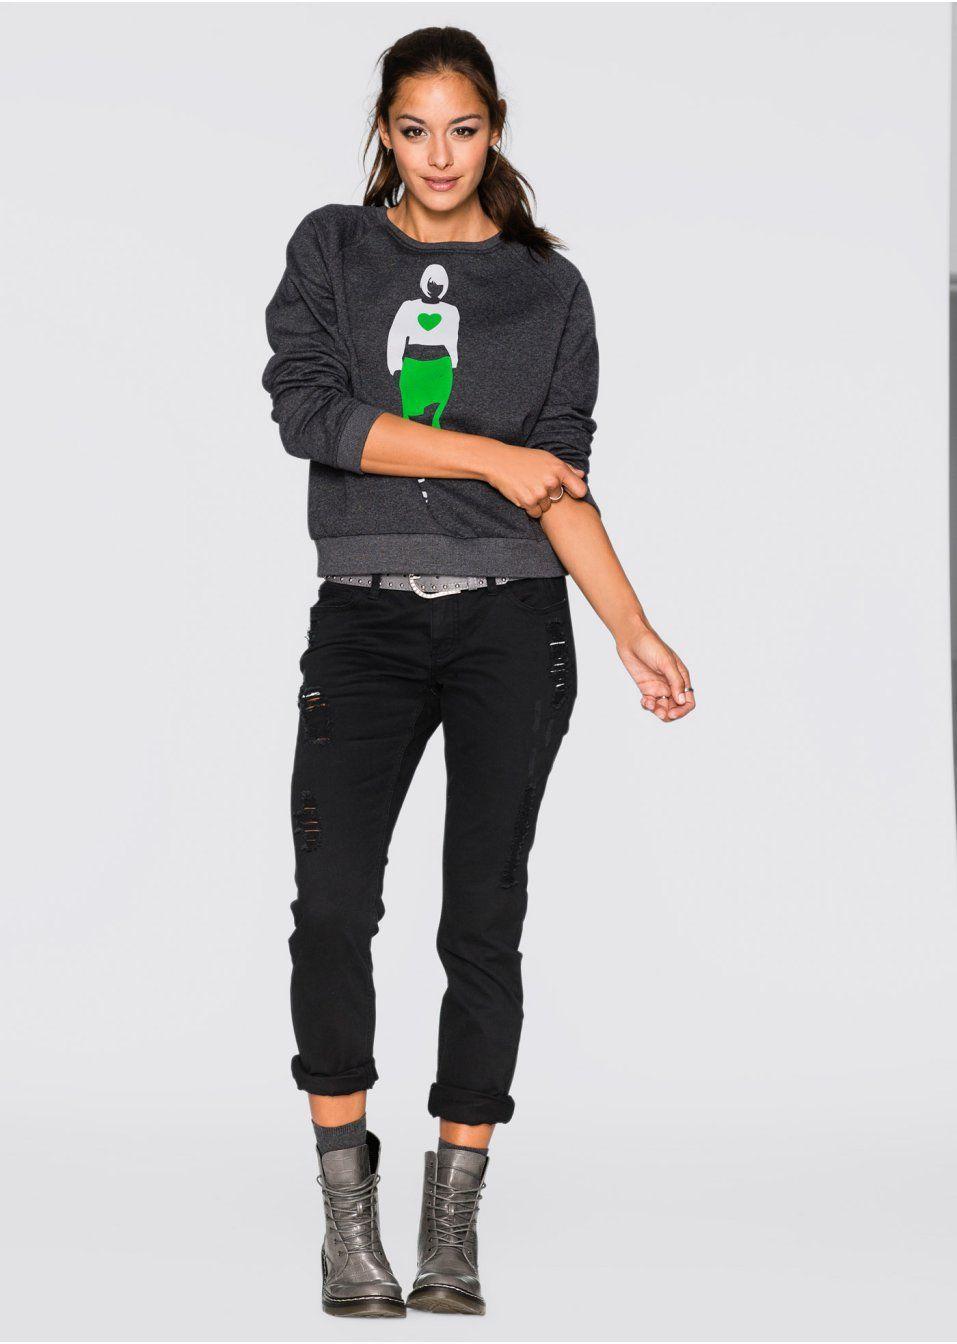 Bluza Modna bluza z atrakcyjnym • 79.99 zł • bonprix